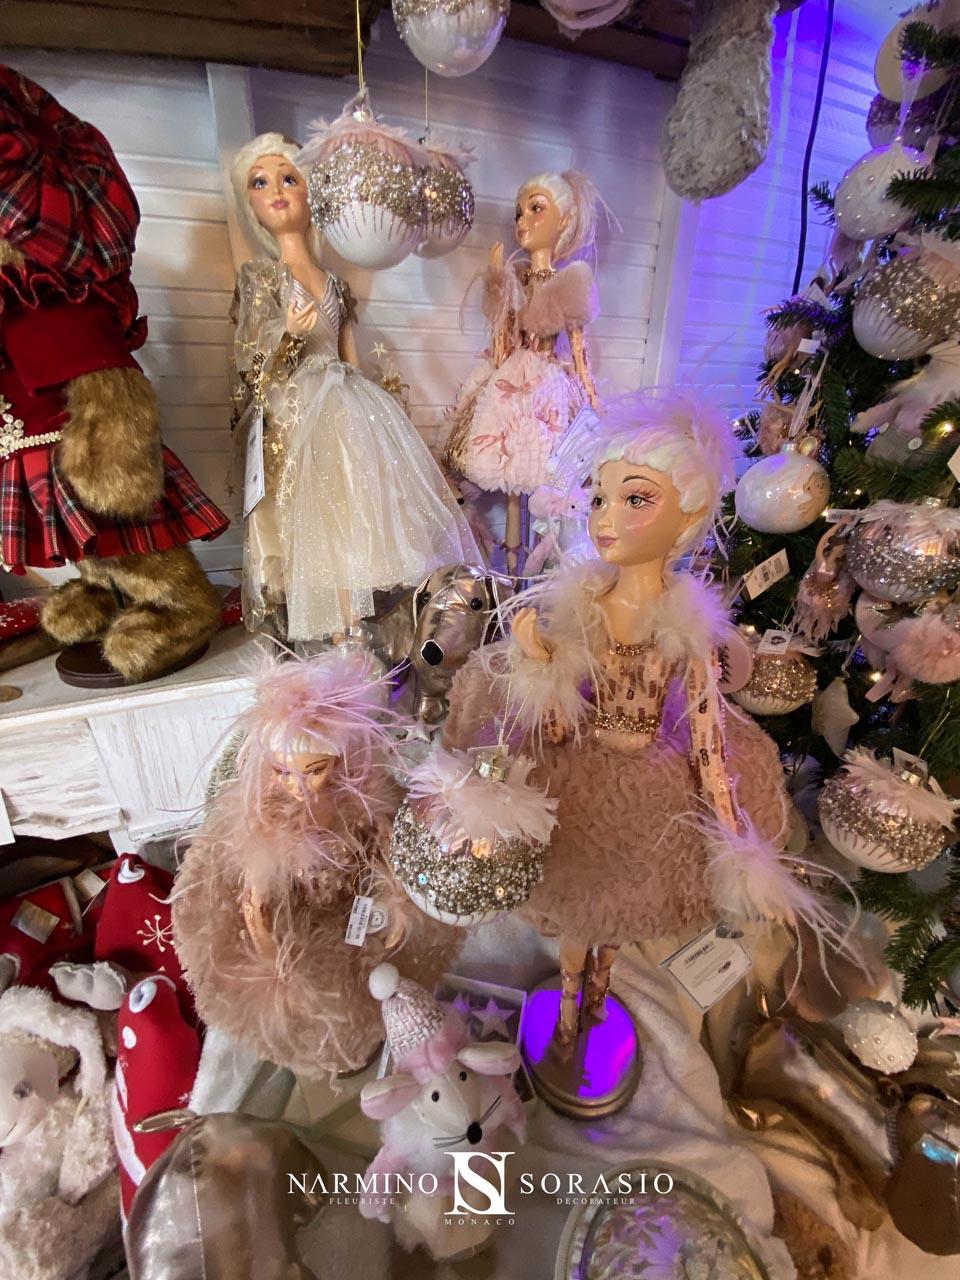 Des poupées et des figurines